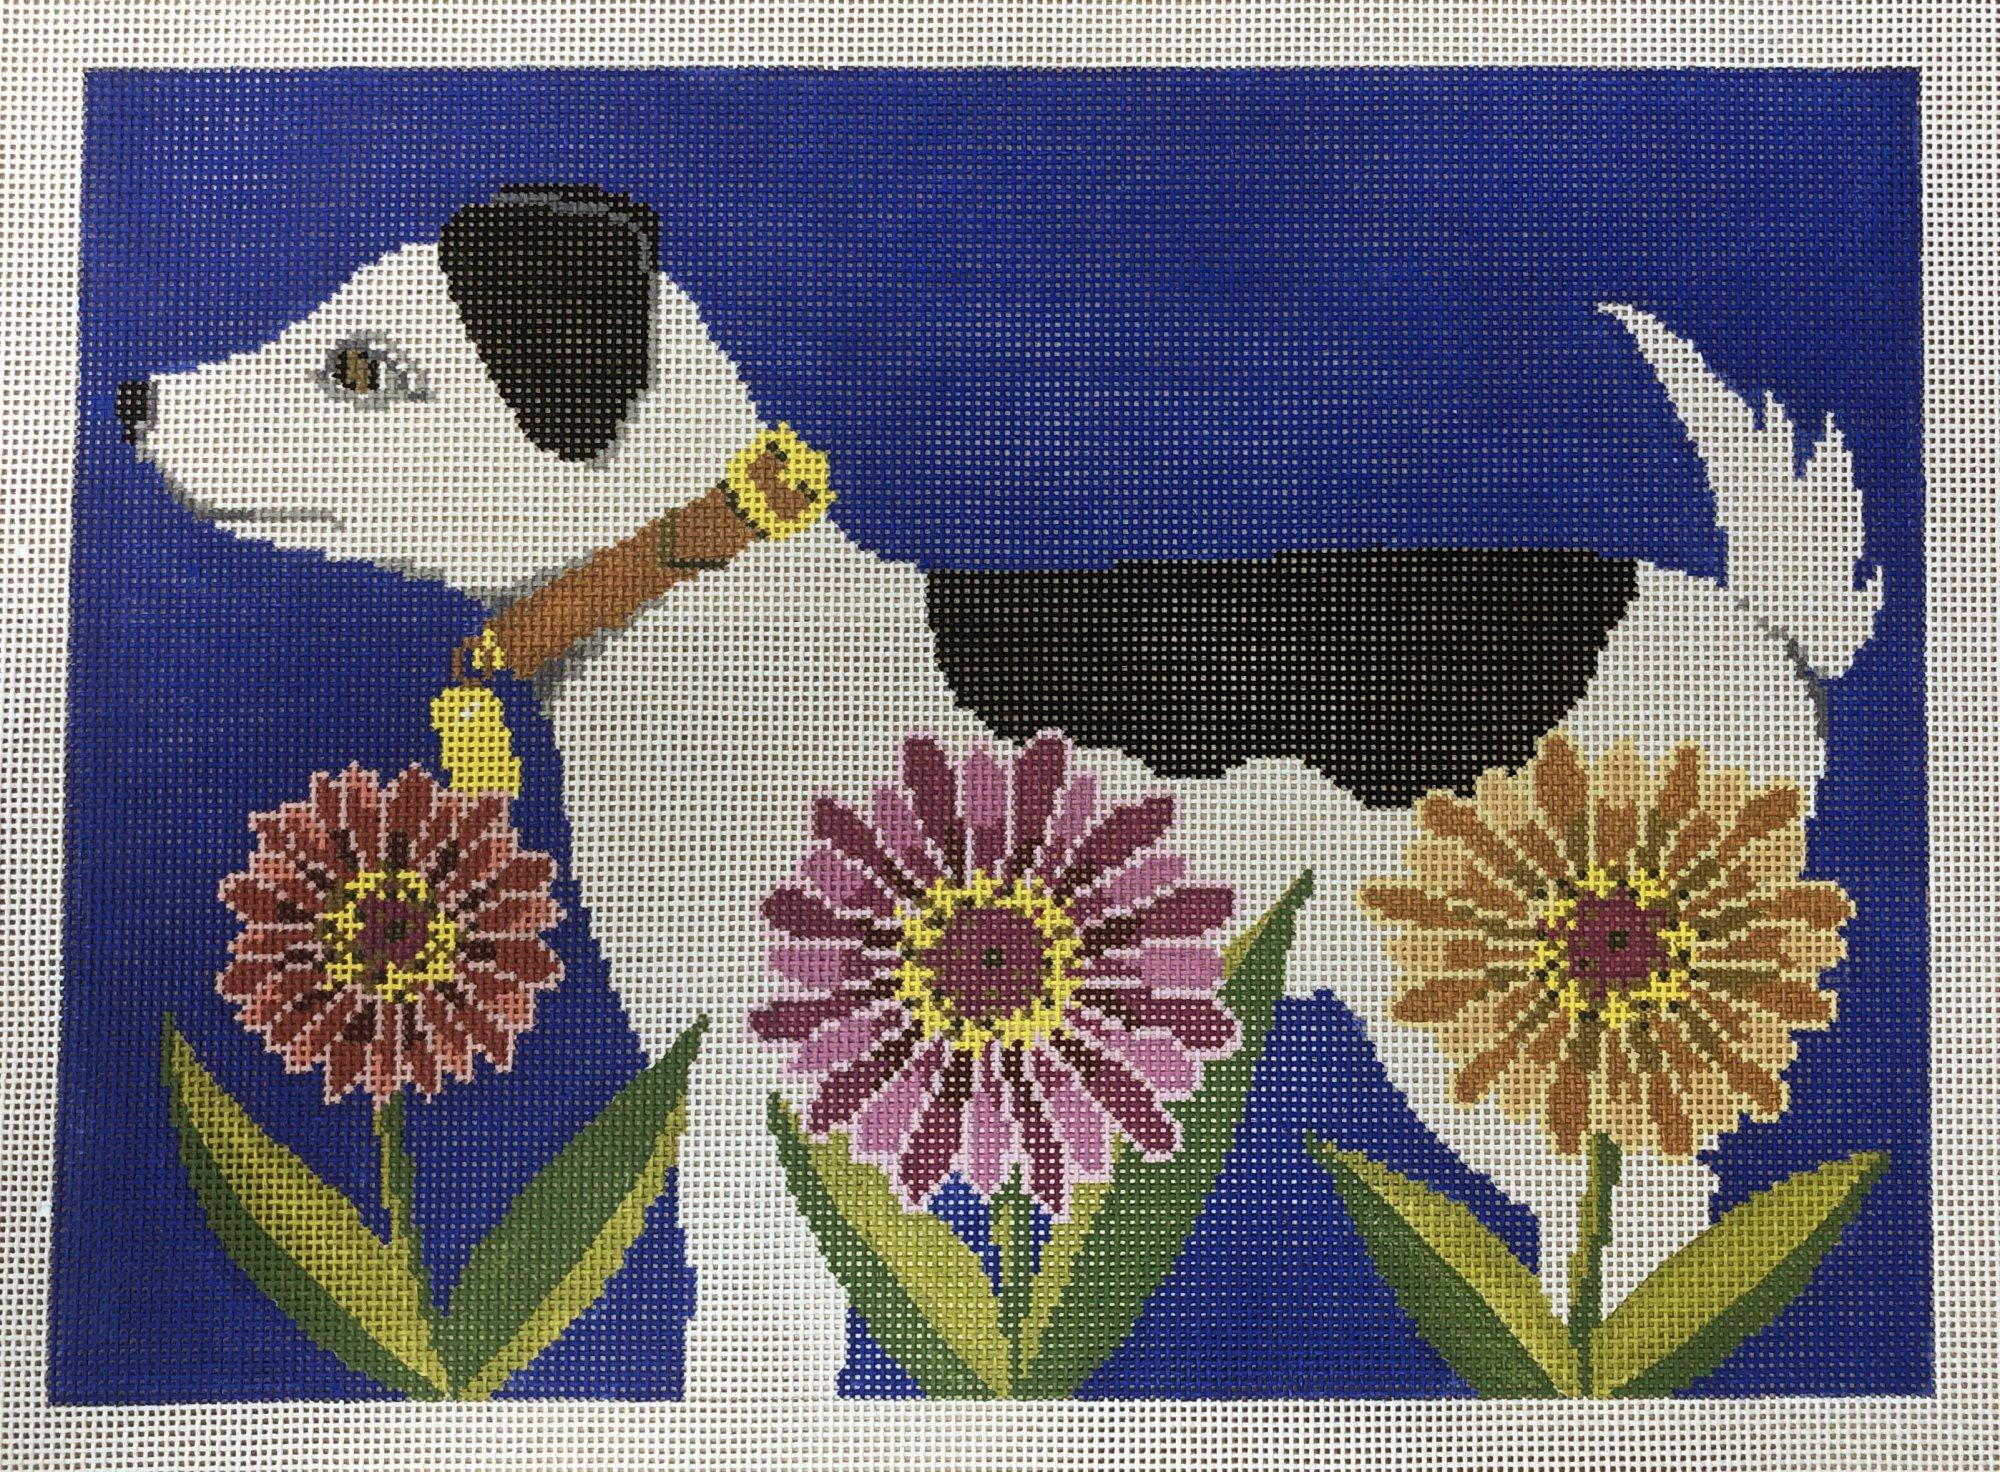 petal pusher dog